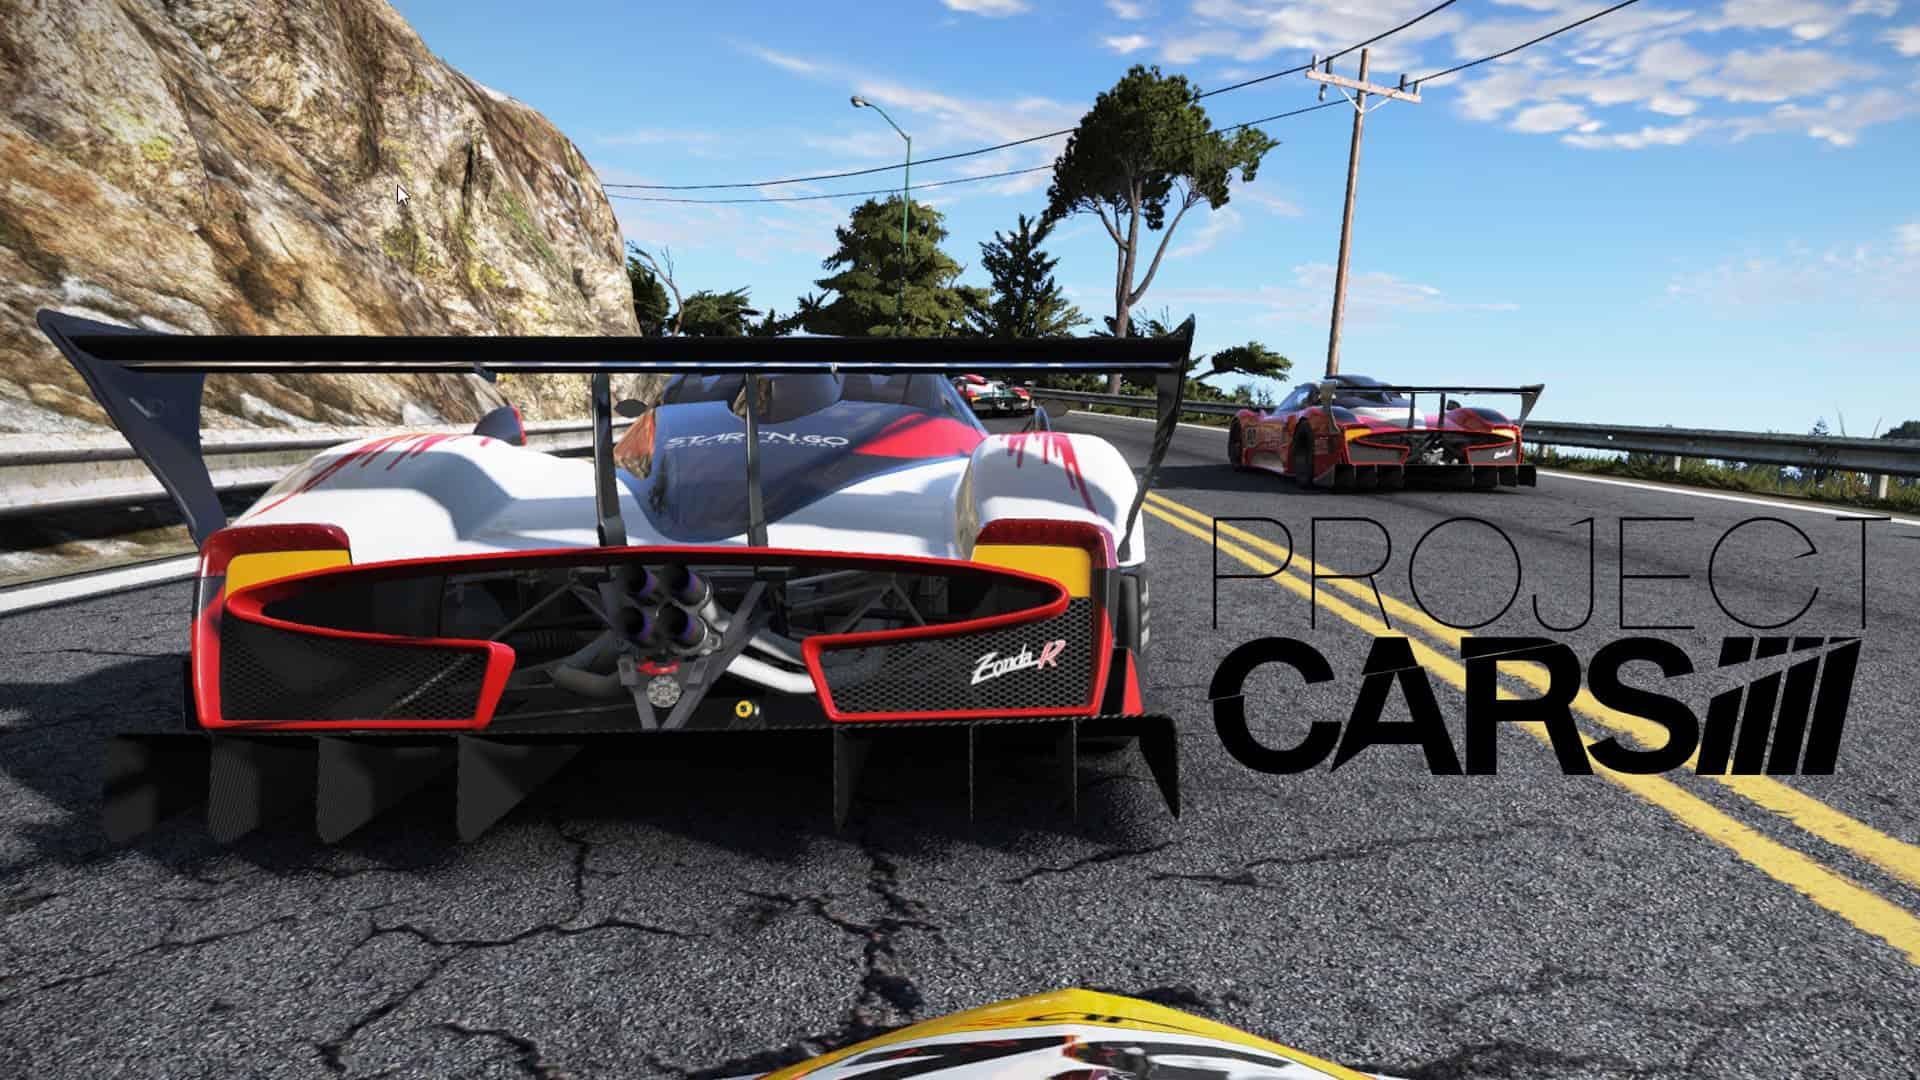 project cars 2 une sortie sur nintendo switch d pend de l 39 envie des joueurs. Black Bedroom Furniture Sets. Home Design Ideas